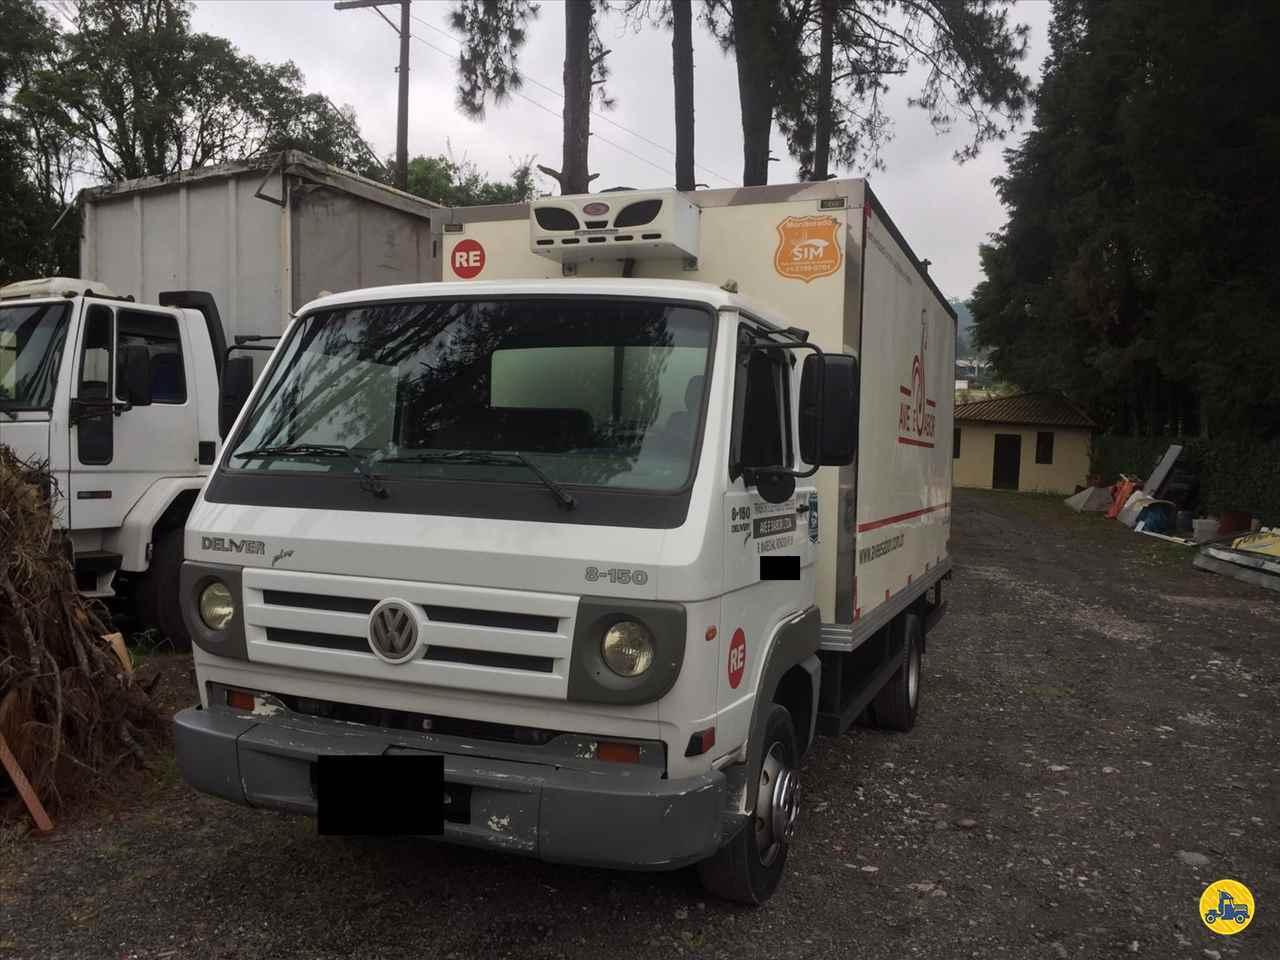 CAMINHAO VOLKSWAGEN VW 8150 Baú Frigorífico Toco 4x2 Wilson Caminhões RIBEIRAO PIRES SÃO PAULO SP